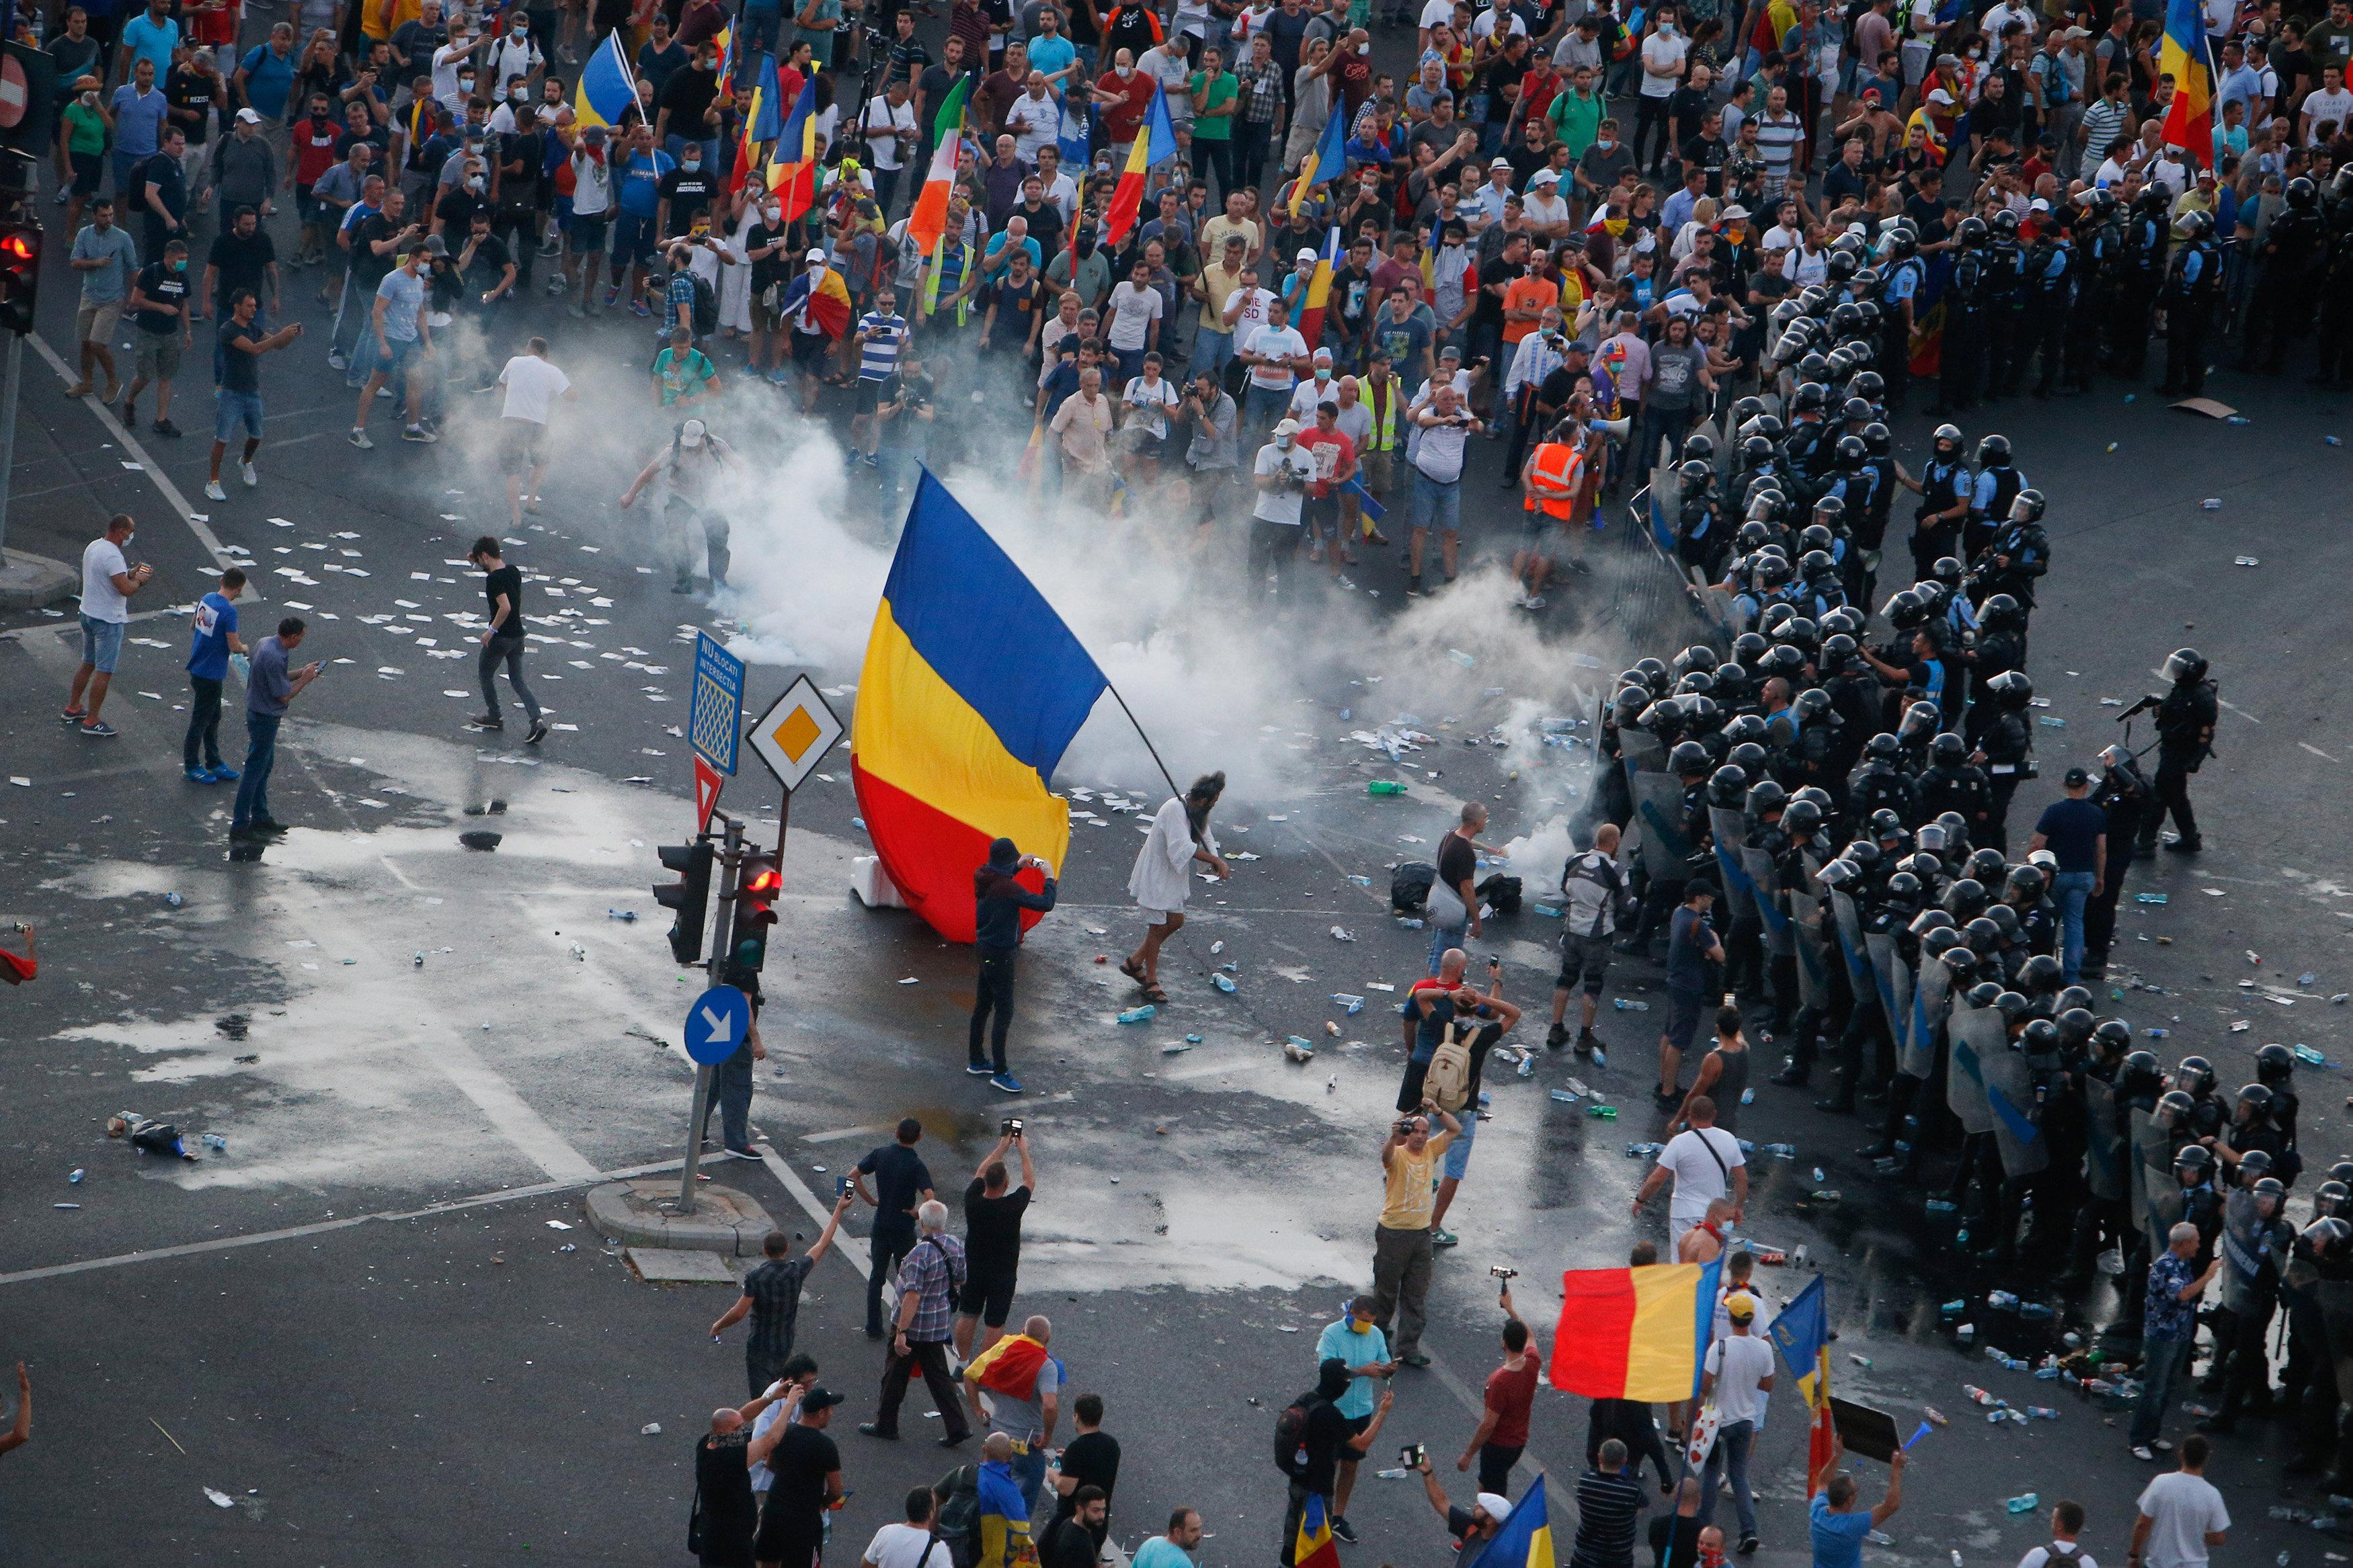 الغاز المسيل للدموع يطلق على المحتجين